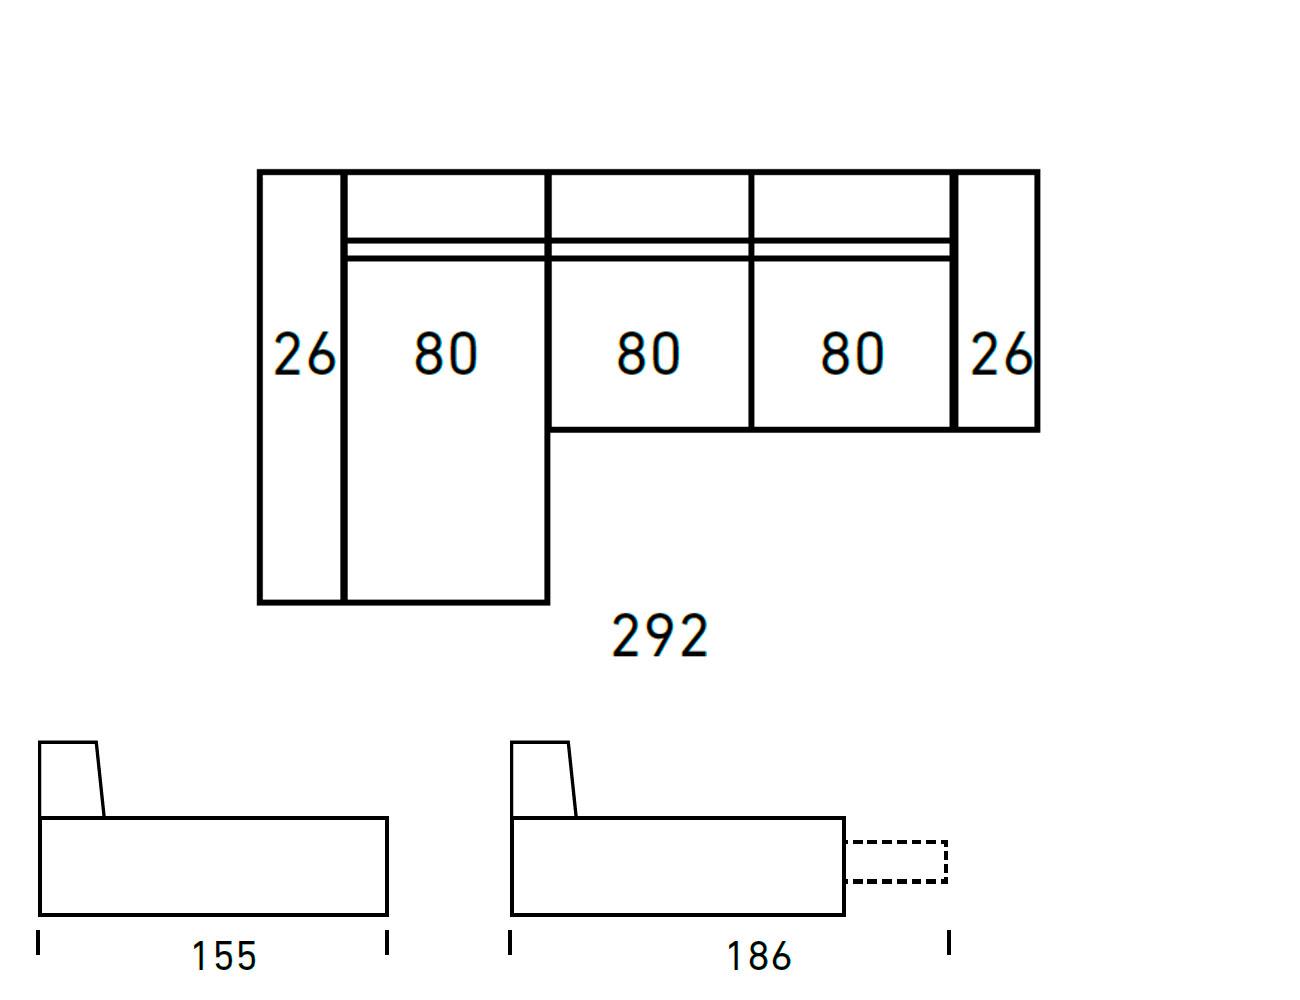 Croquis sofa chaiselongue 292